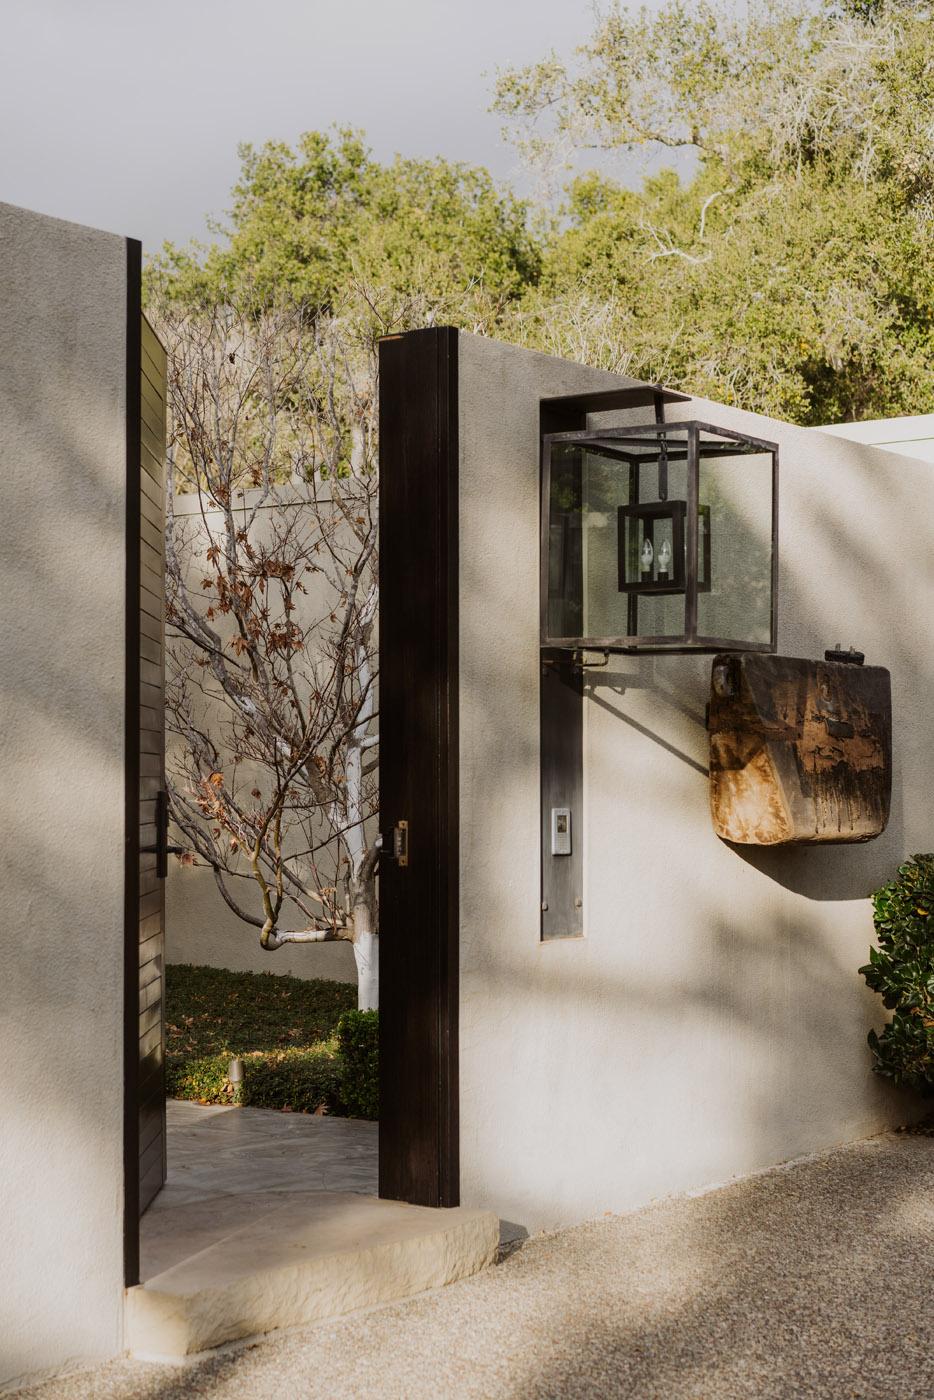 1636 Moore Road Montecito California Riskin Partners Real Estate agent montecito luxury real estate #1 real estate team